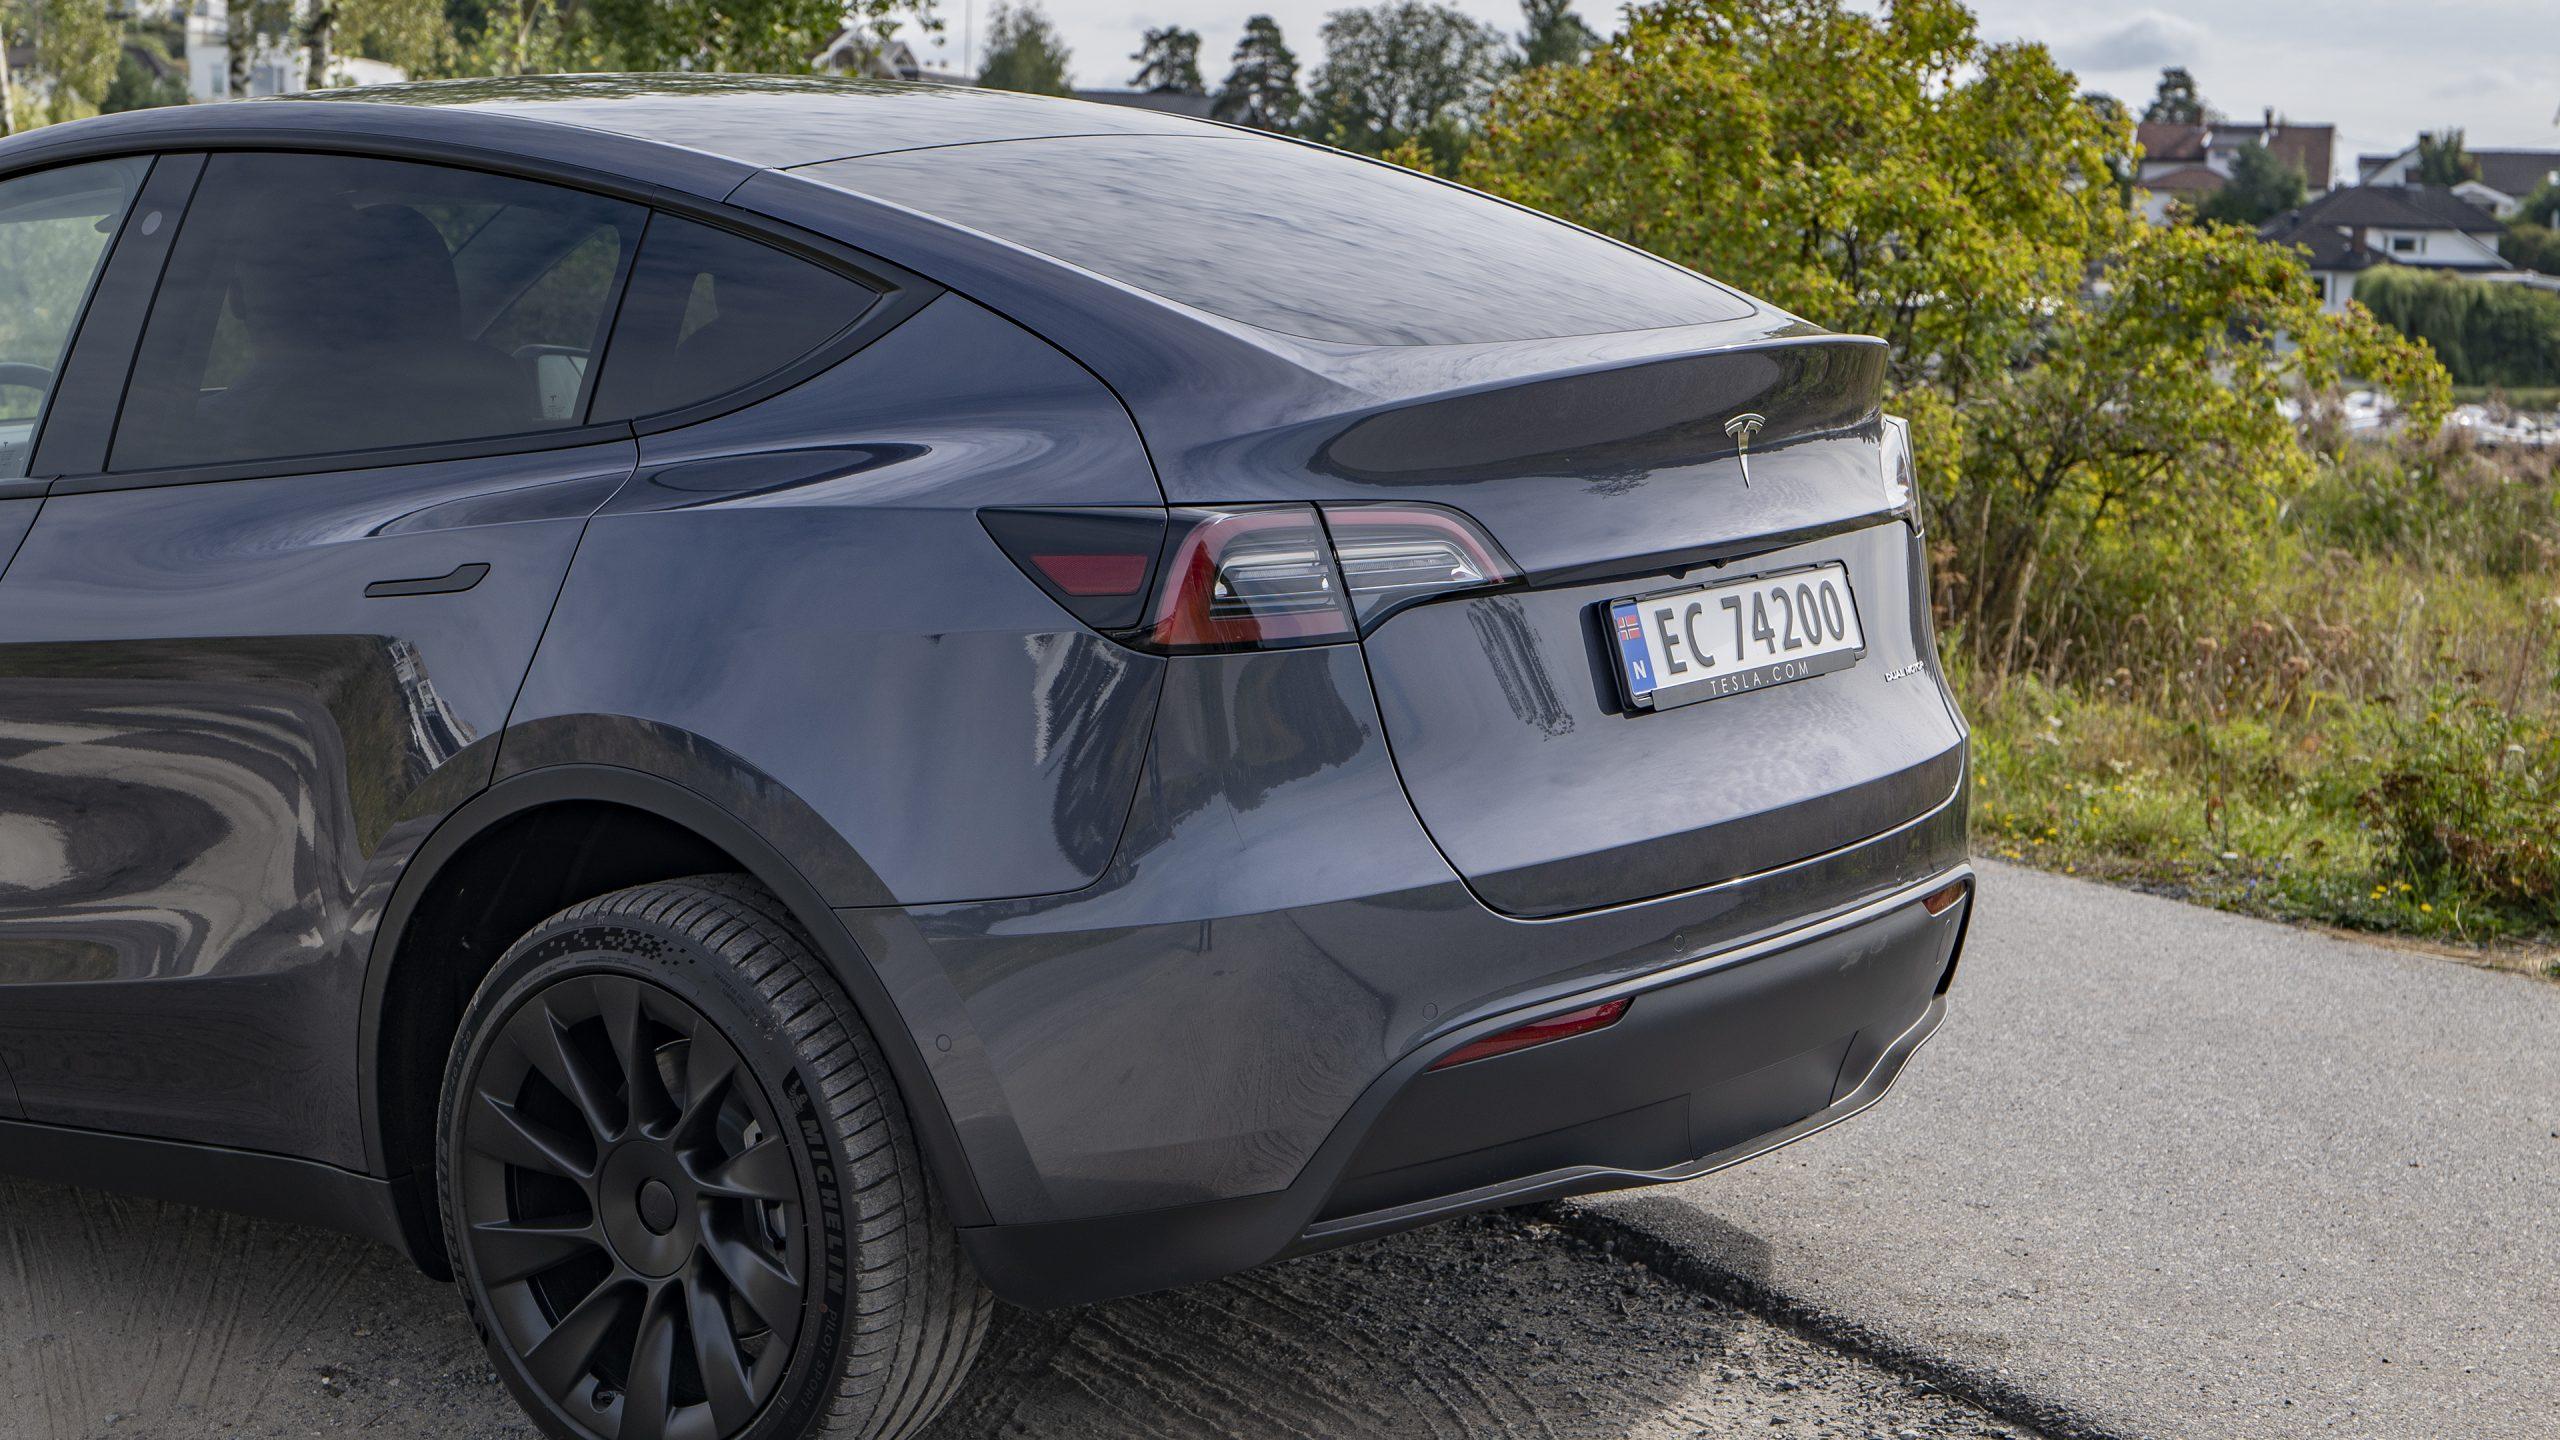 Tesla Model Y rear side